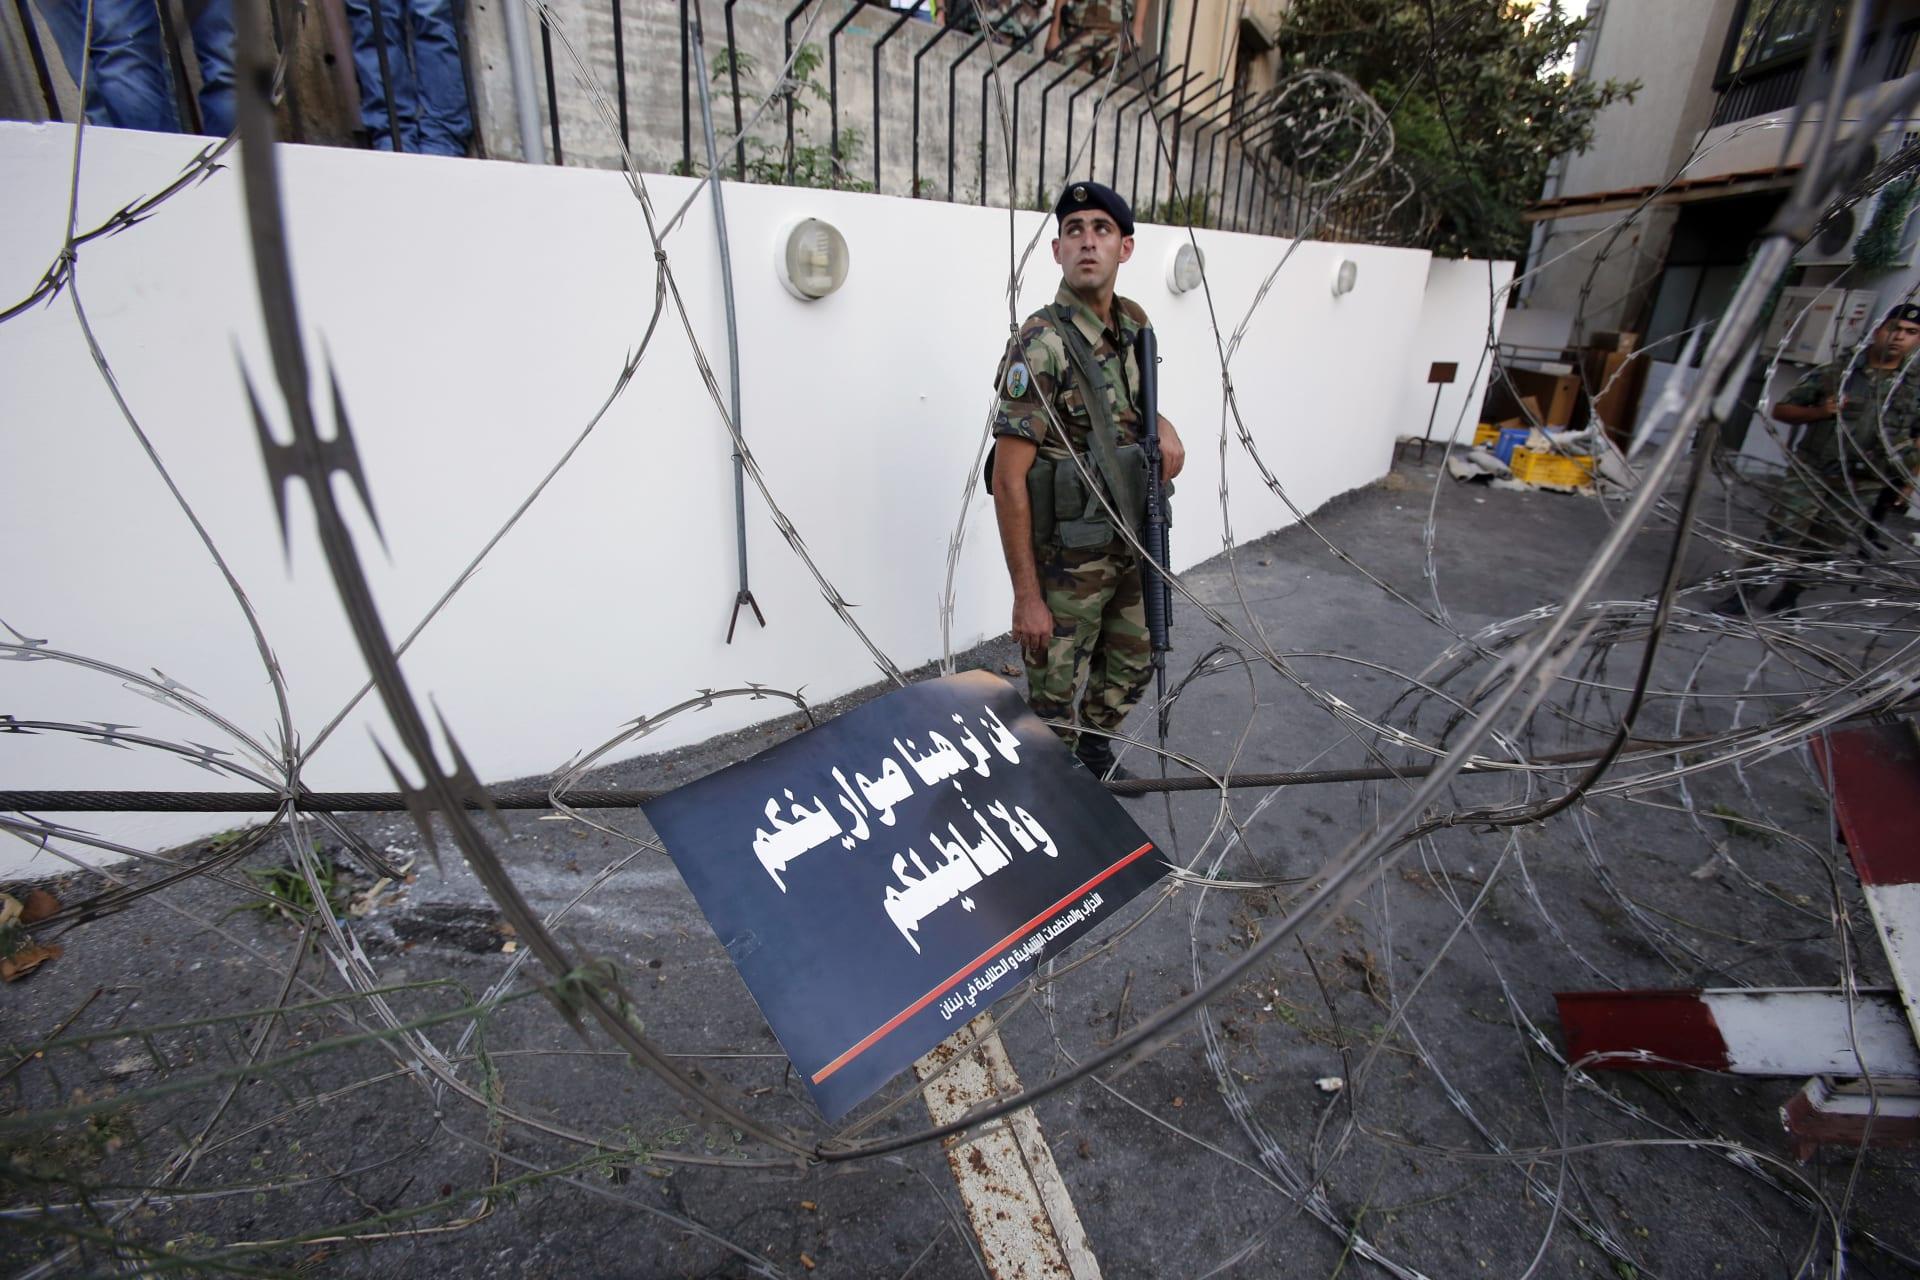 أحد أفراد قوات الأمن اللبنانية أمام مقر السفارة الأمريكية في بيروت